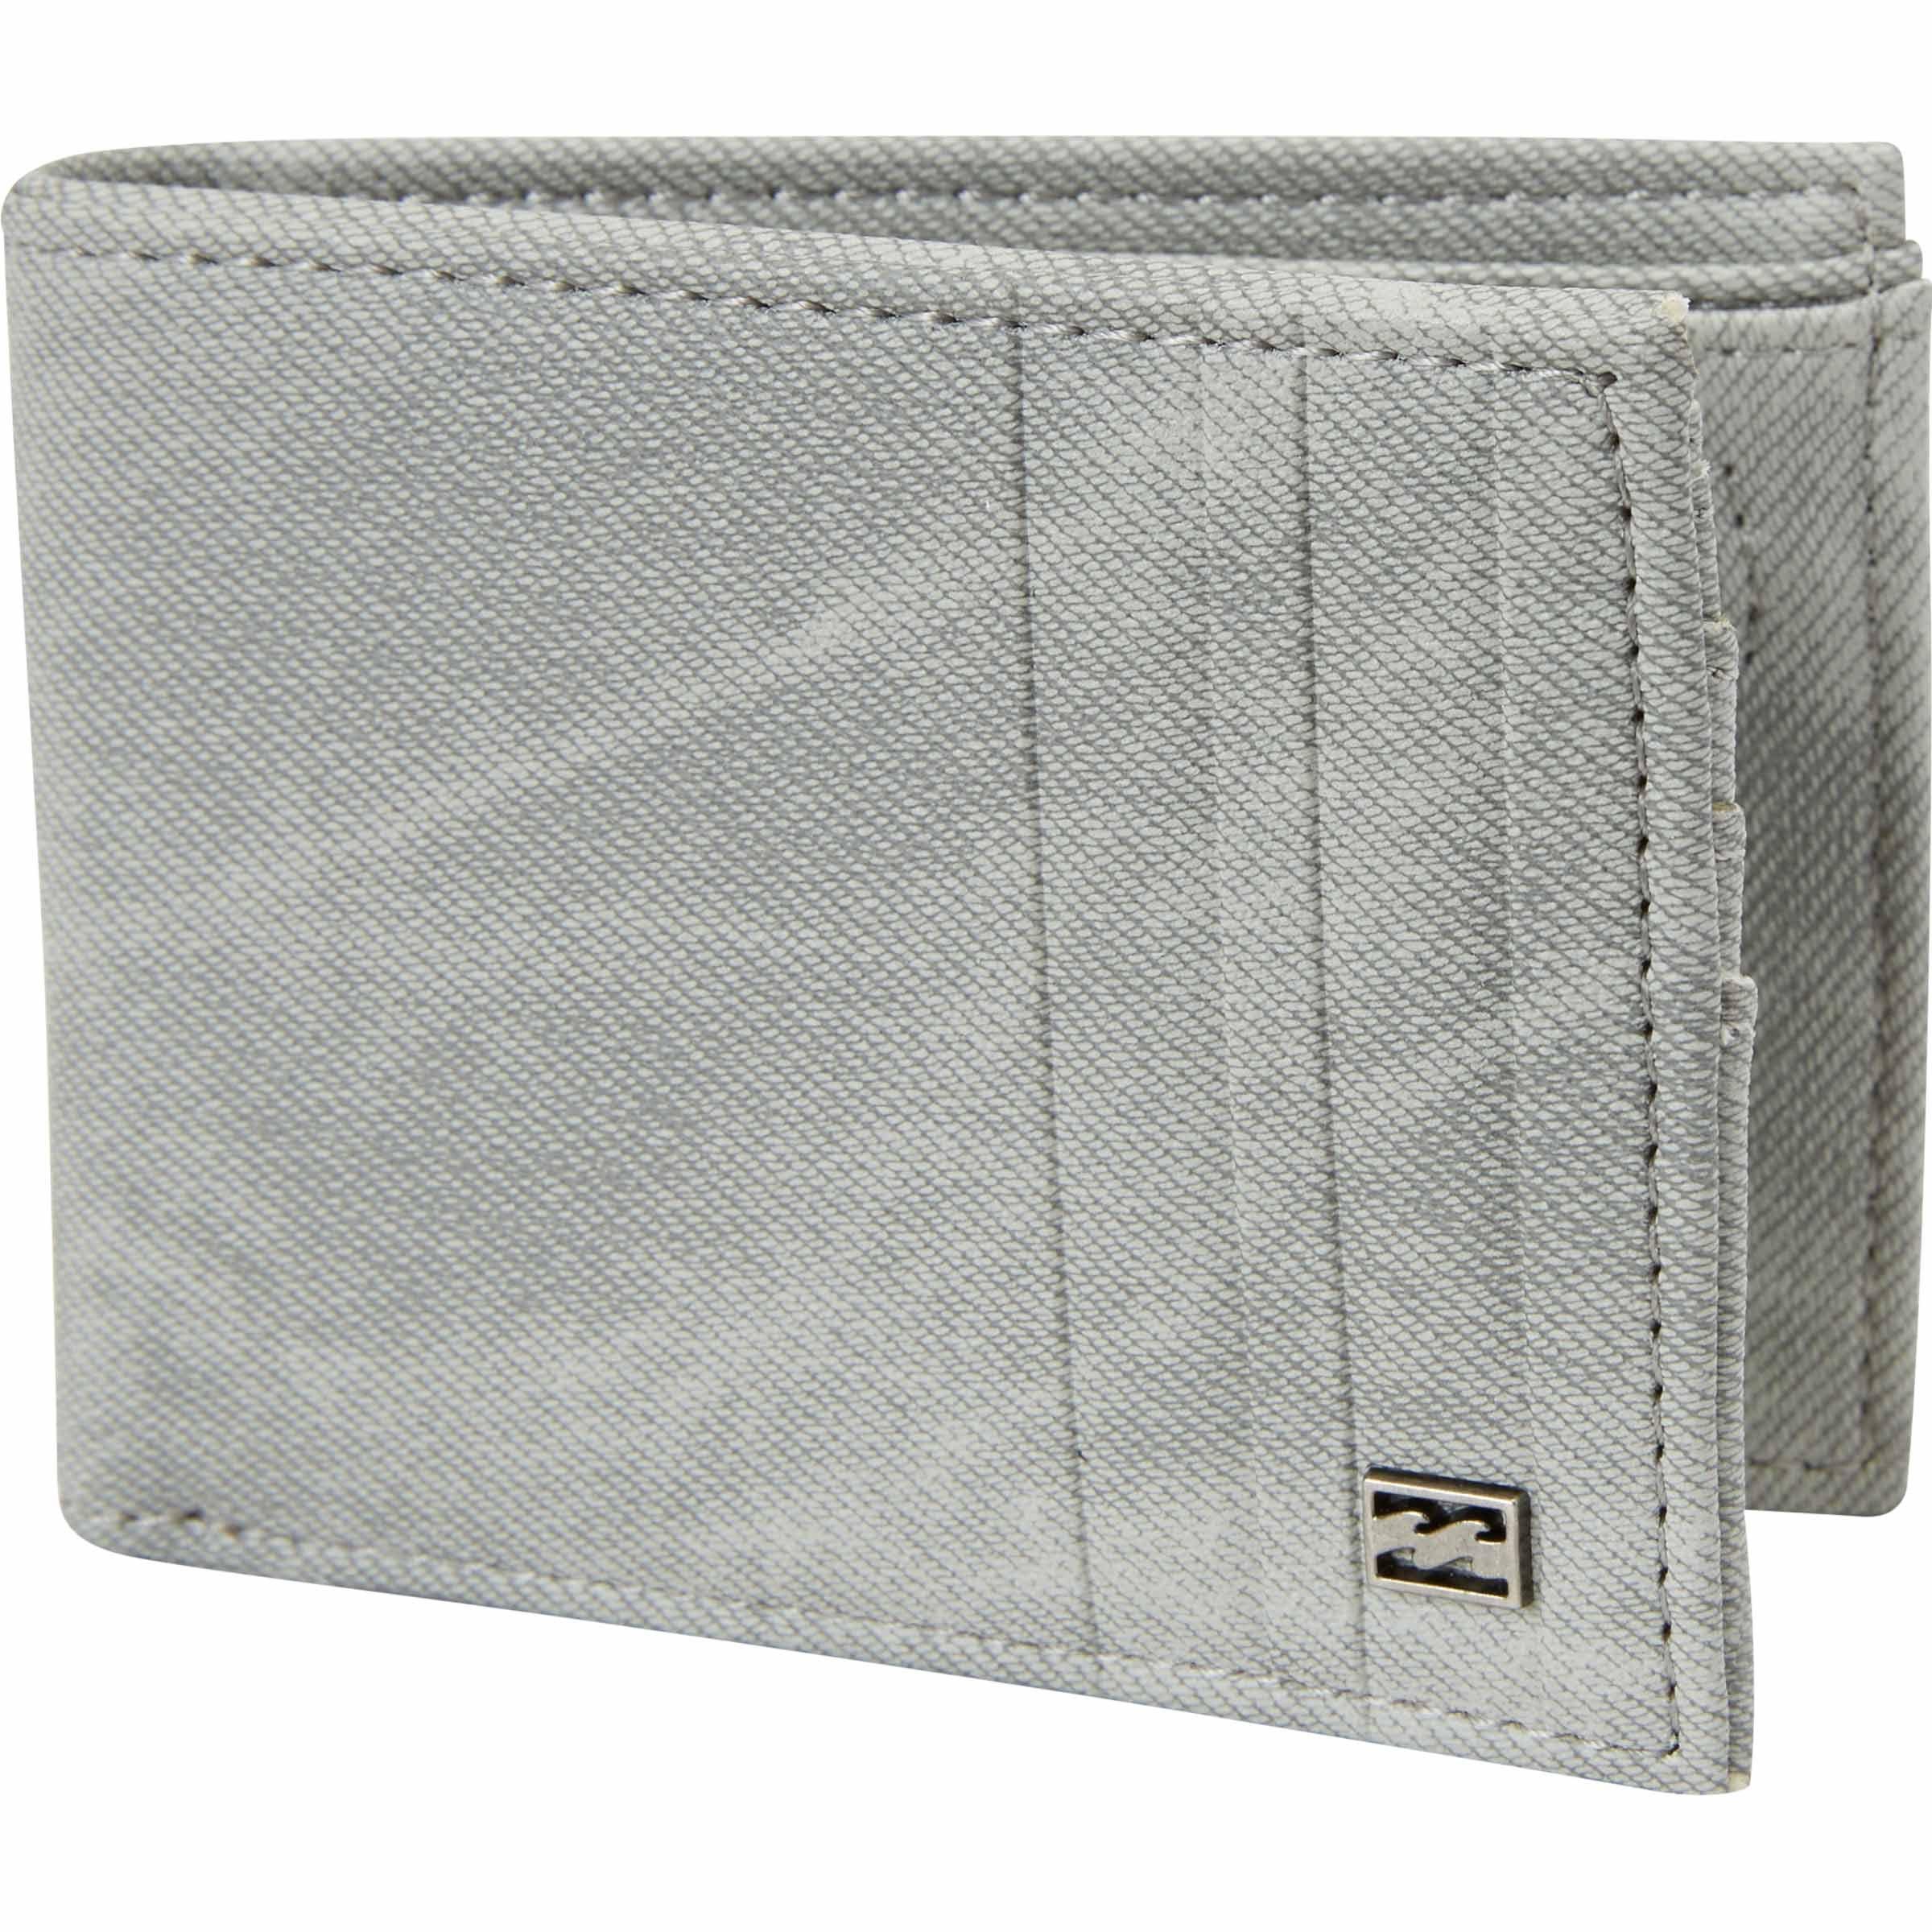 Billabong Men's Backwash Wallet, grey, One Size